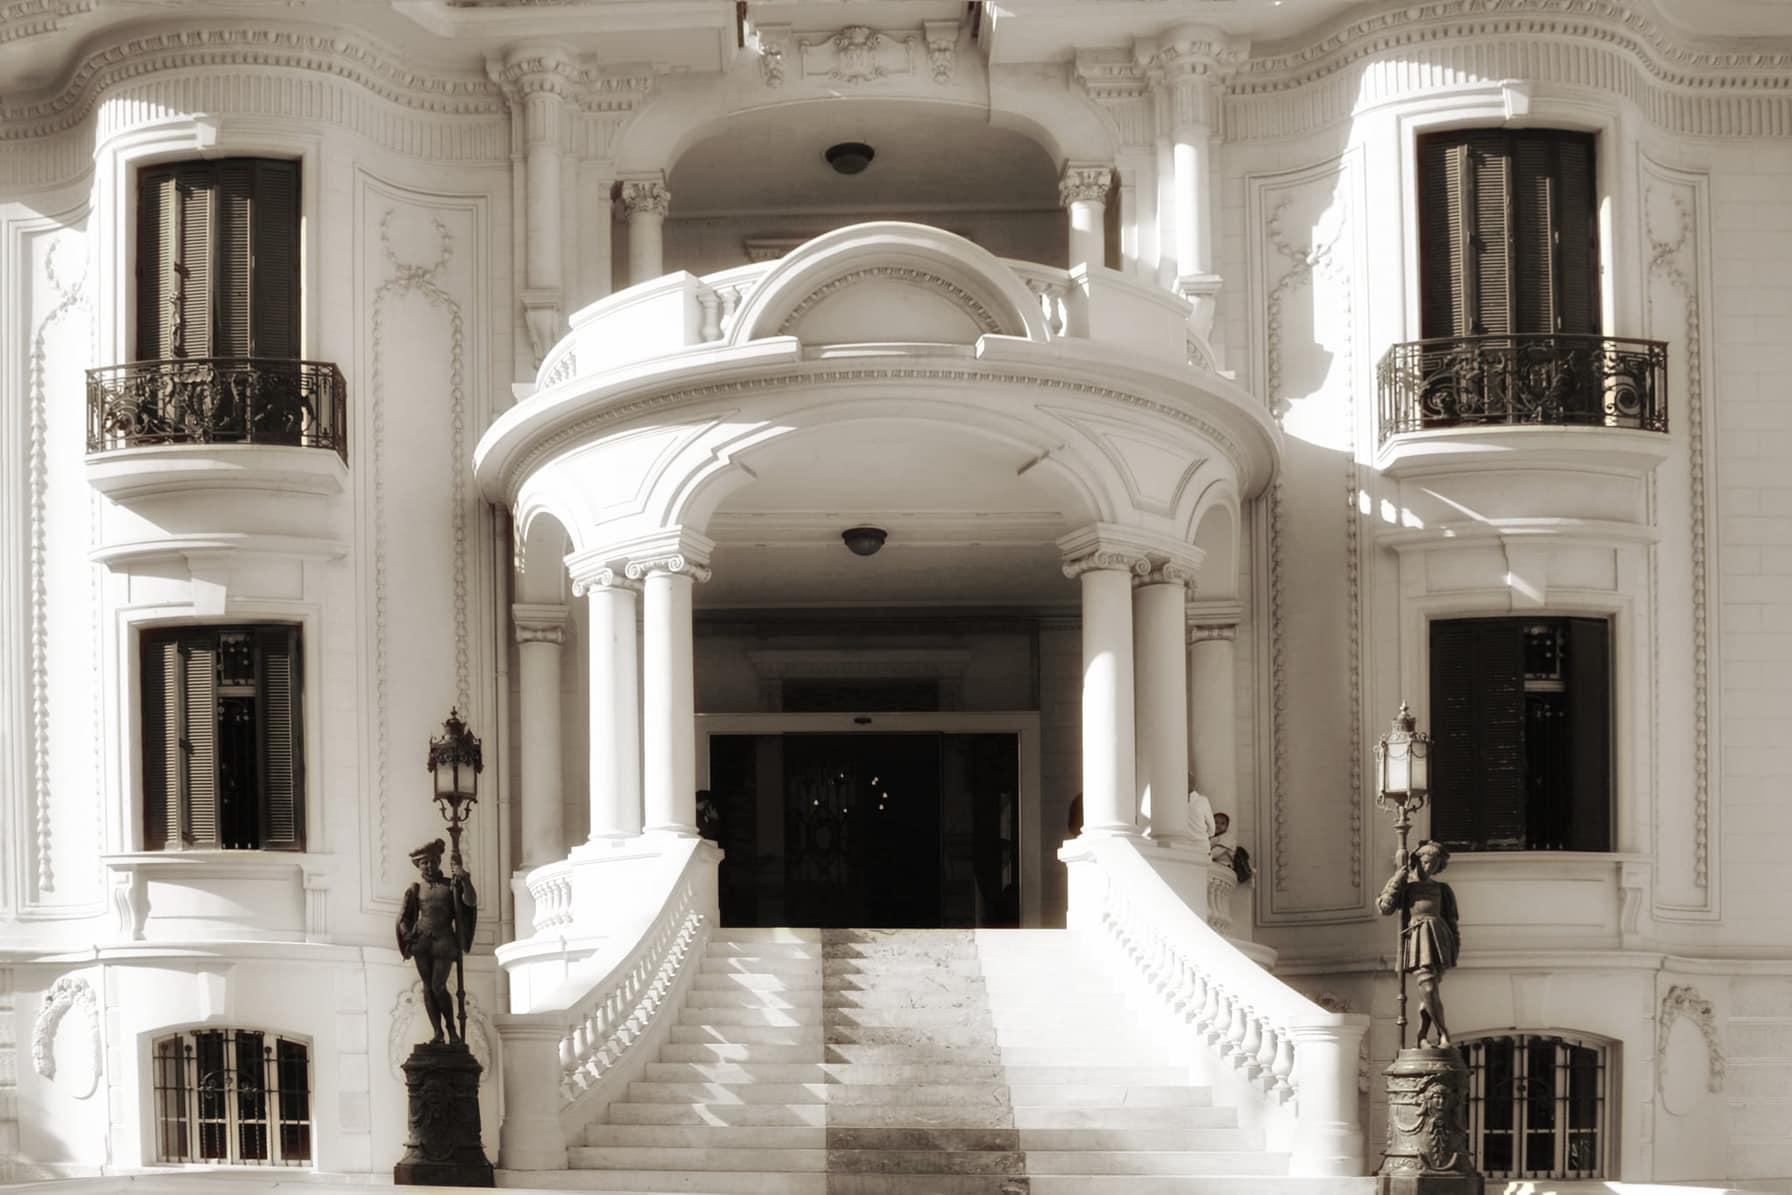 مقتنيات متحف المجوهرات الملكية في الاسكندرية